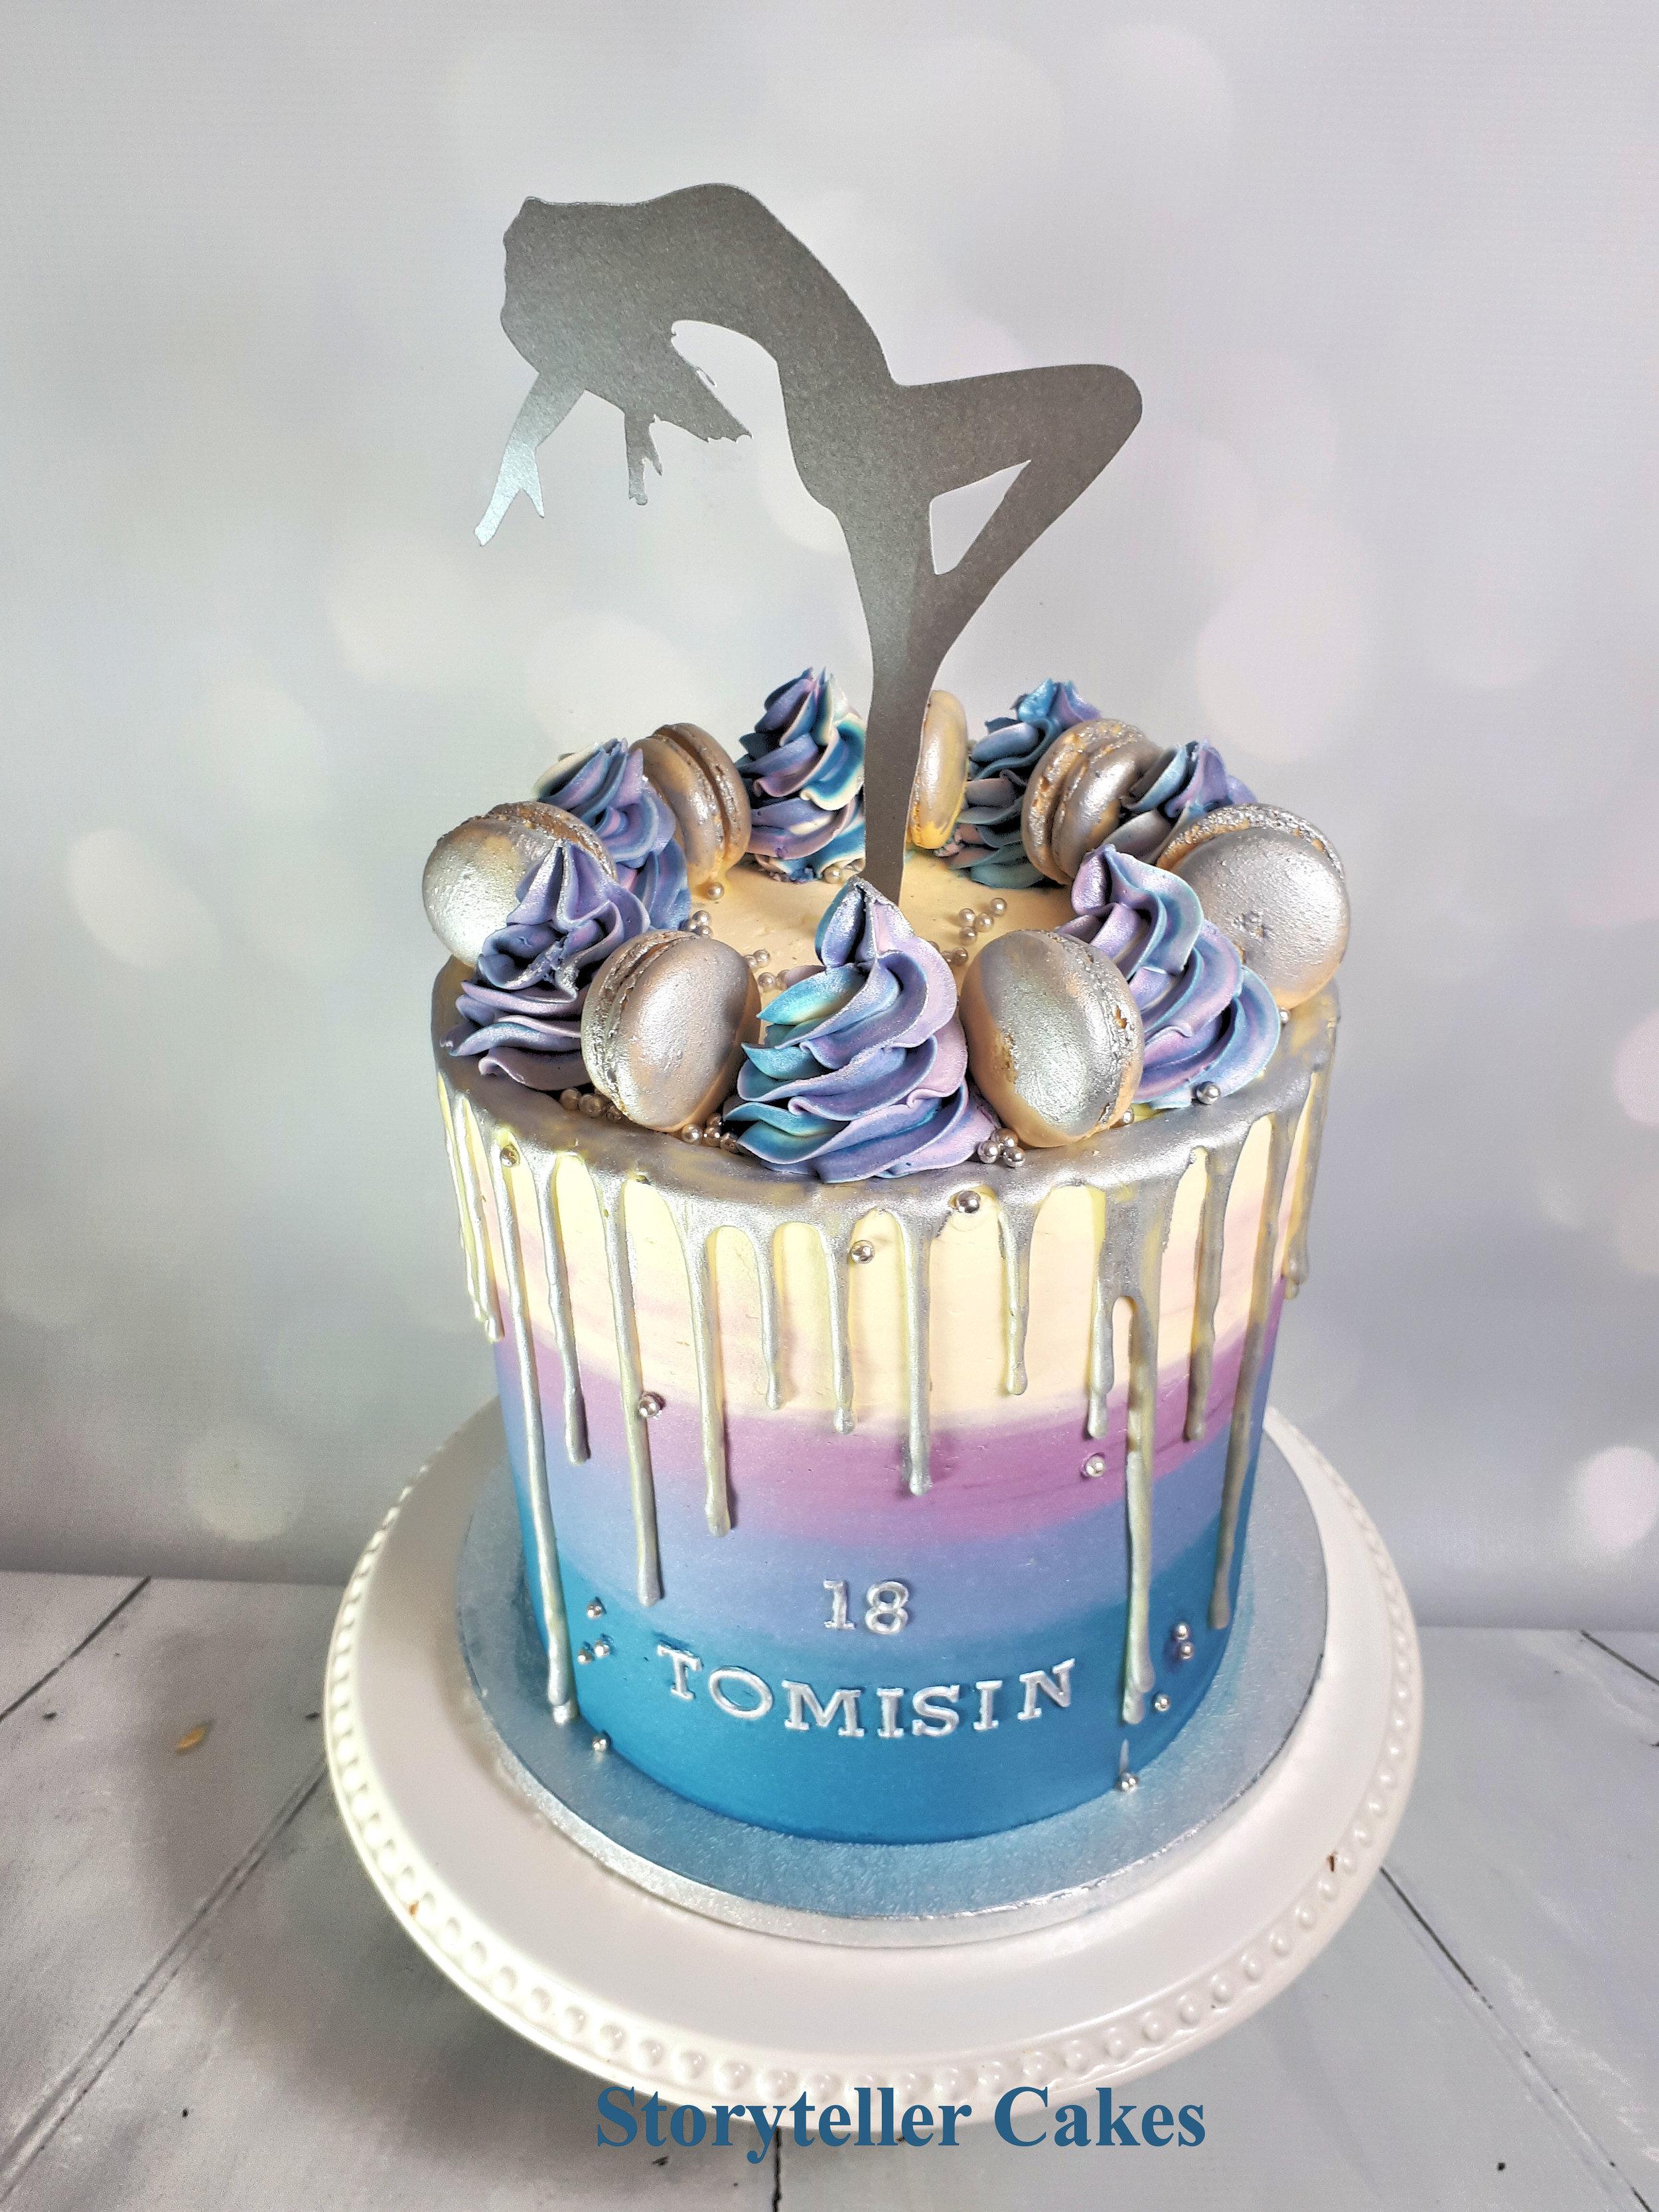 Dancer Buttercream 18th Birthday Cake 2.jpg